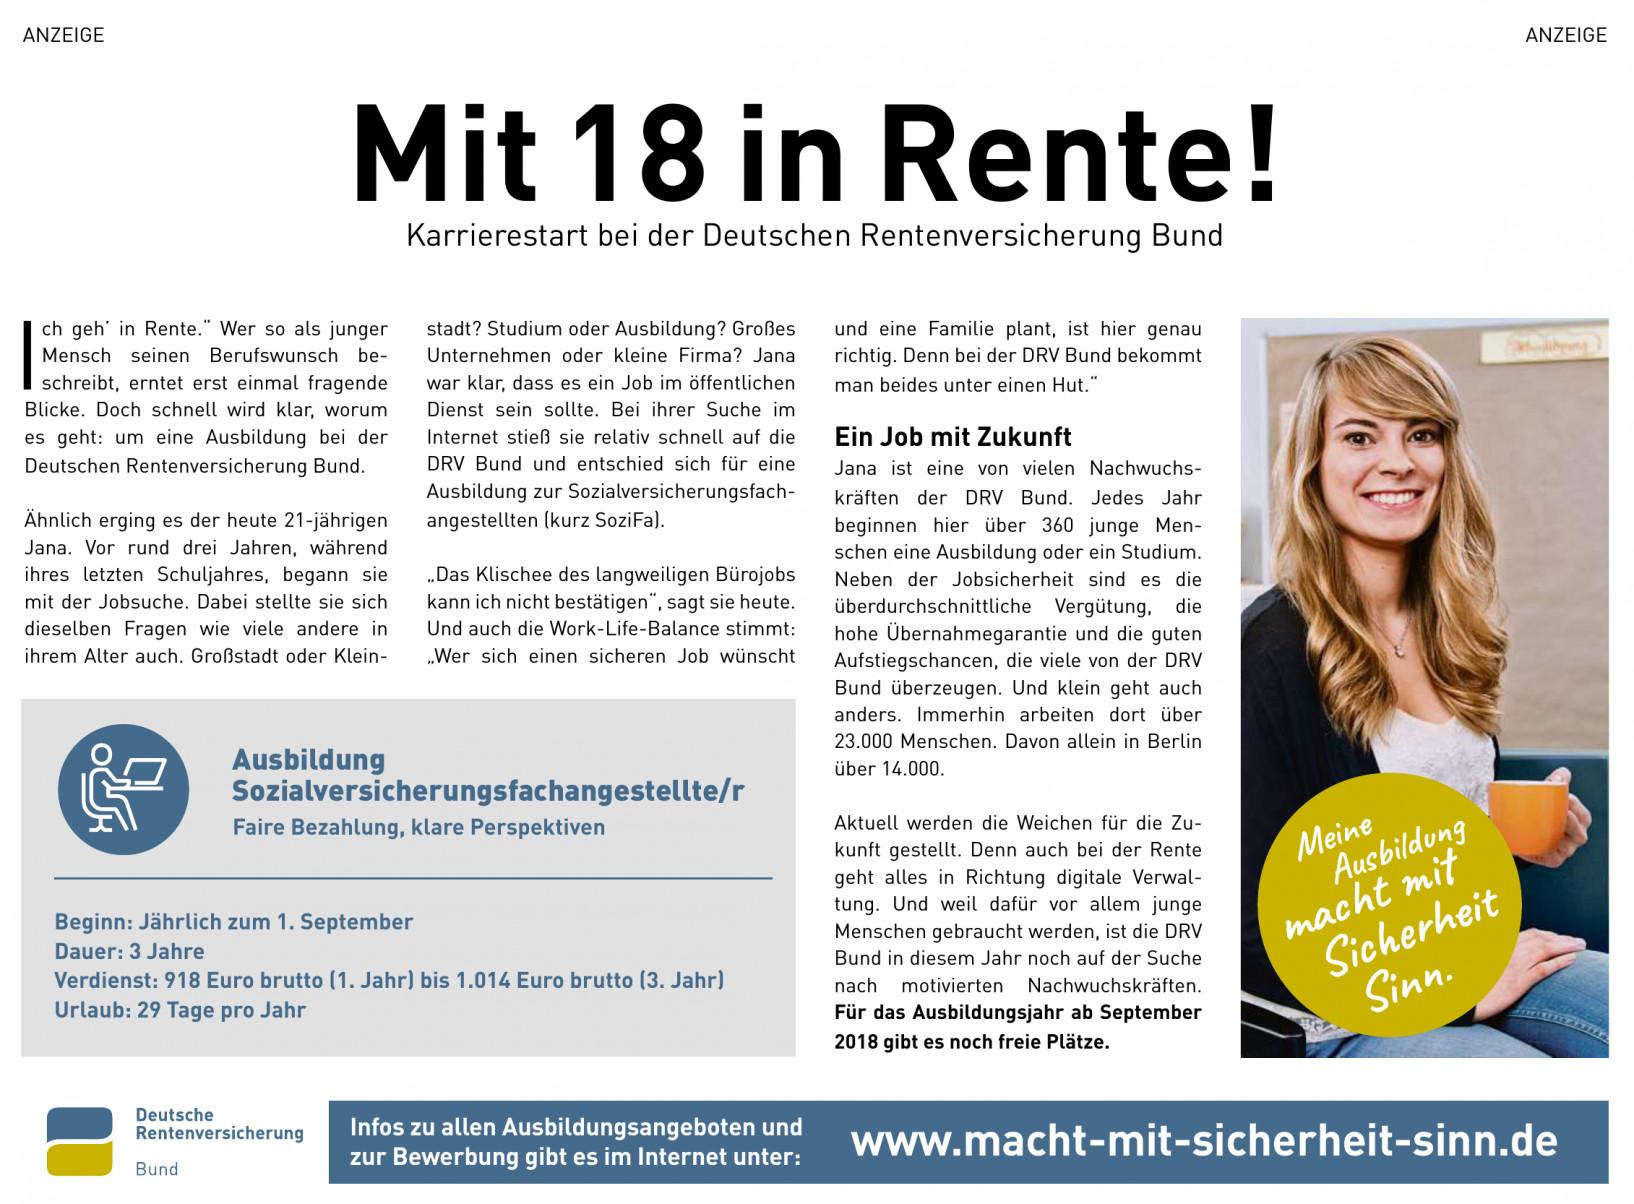 Deutschen Rentenversicherung Bund